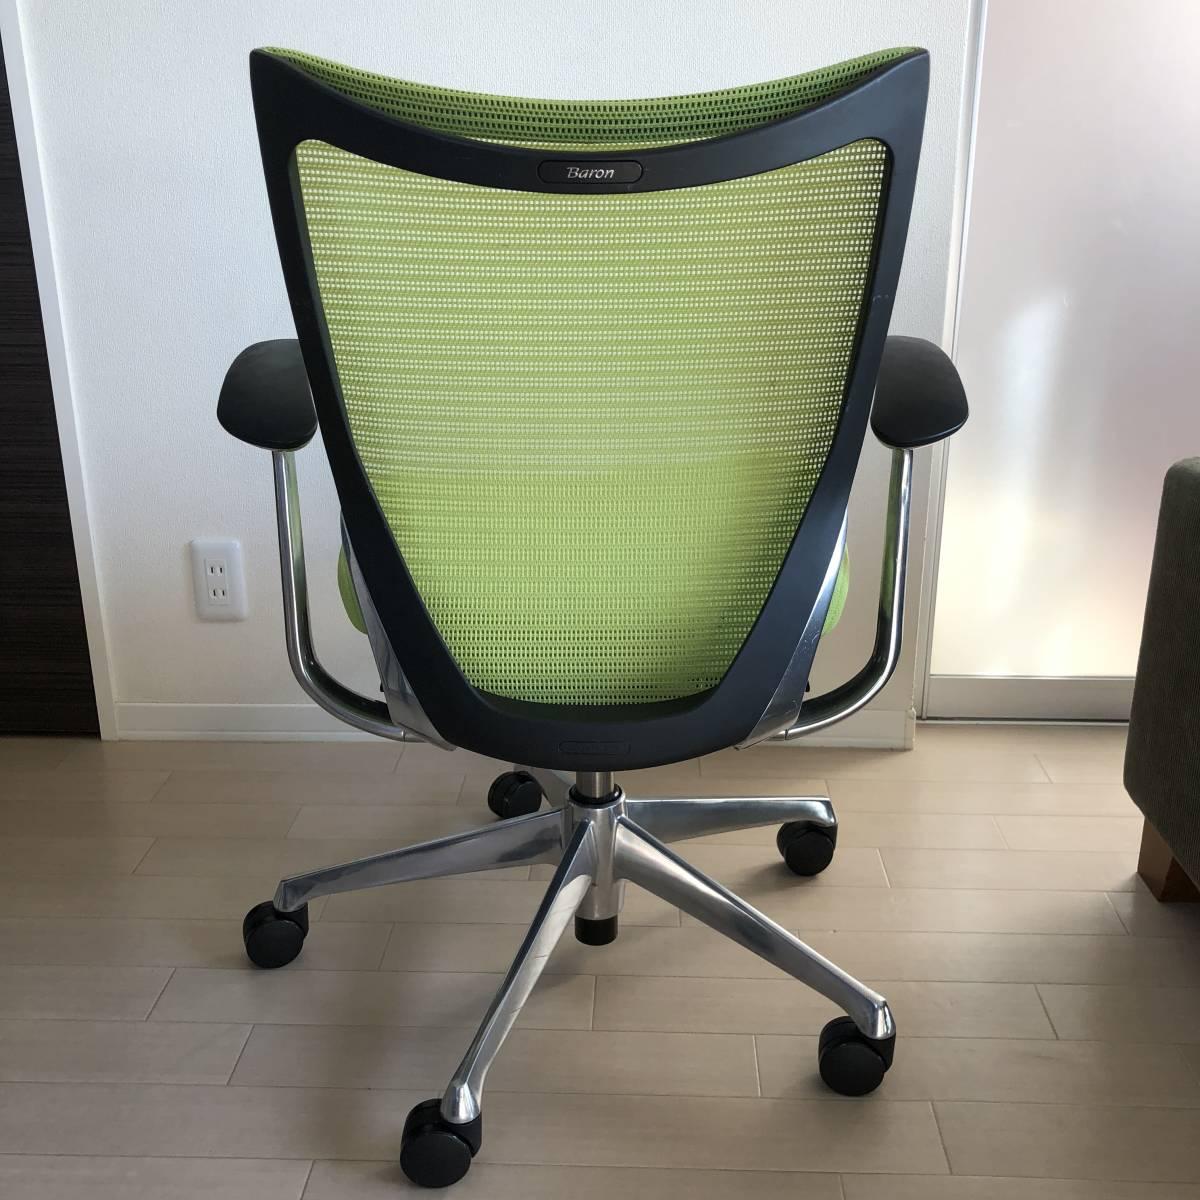 バロンチェア okamura オカムラ オフィスチェア バロン 座メッシ 昇降椅子 CP43BR-FDF6 _画像2